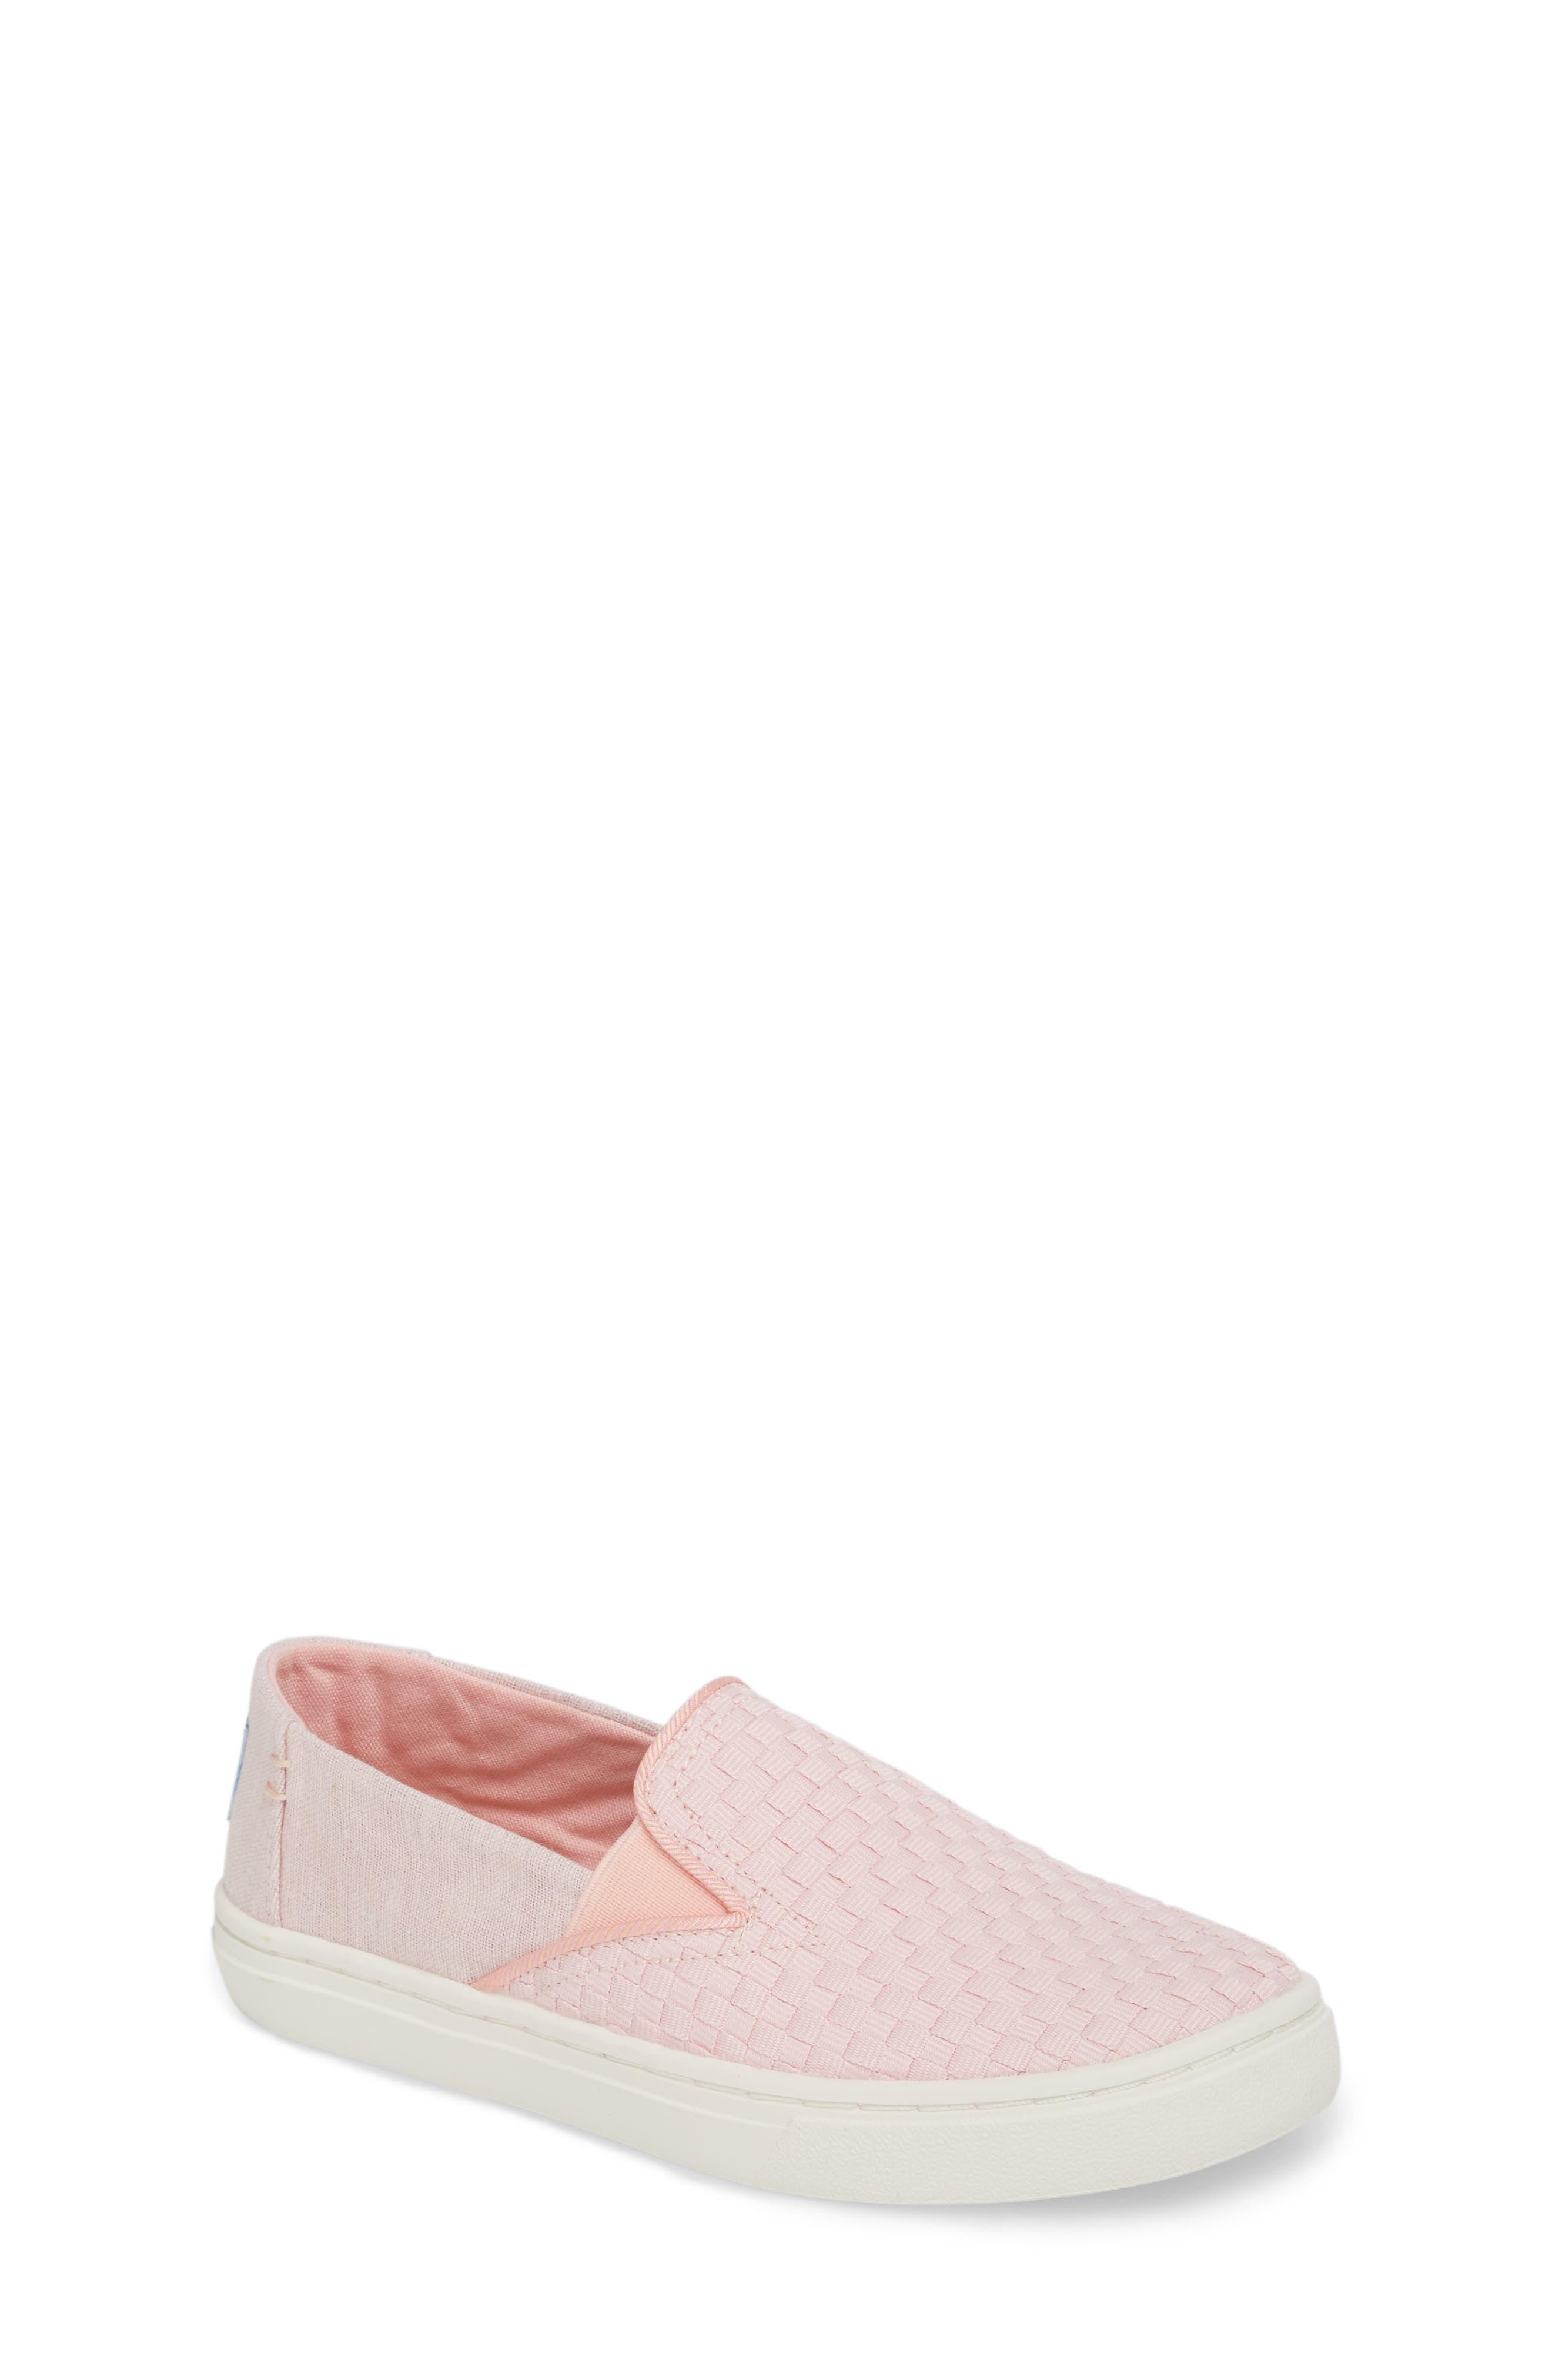 Luca Slip-On Sneaker,                         Main,                         color, Blossom Basketweave